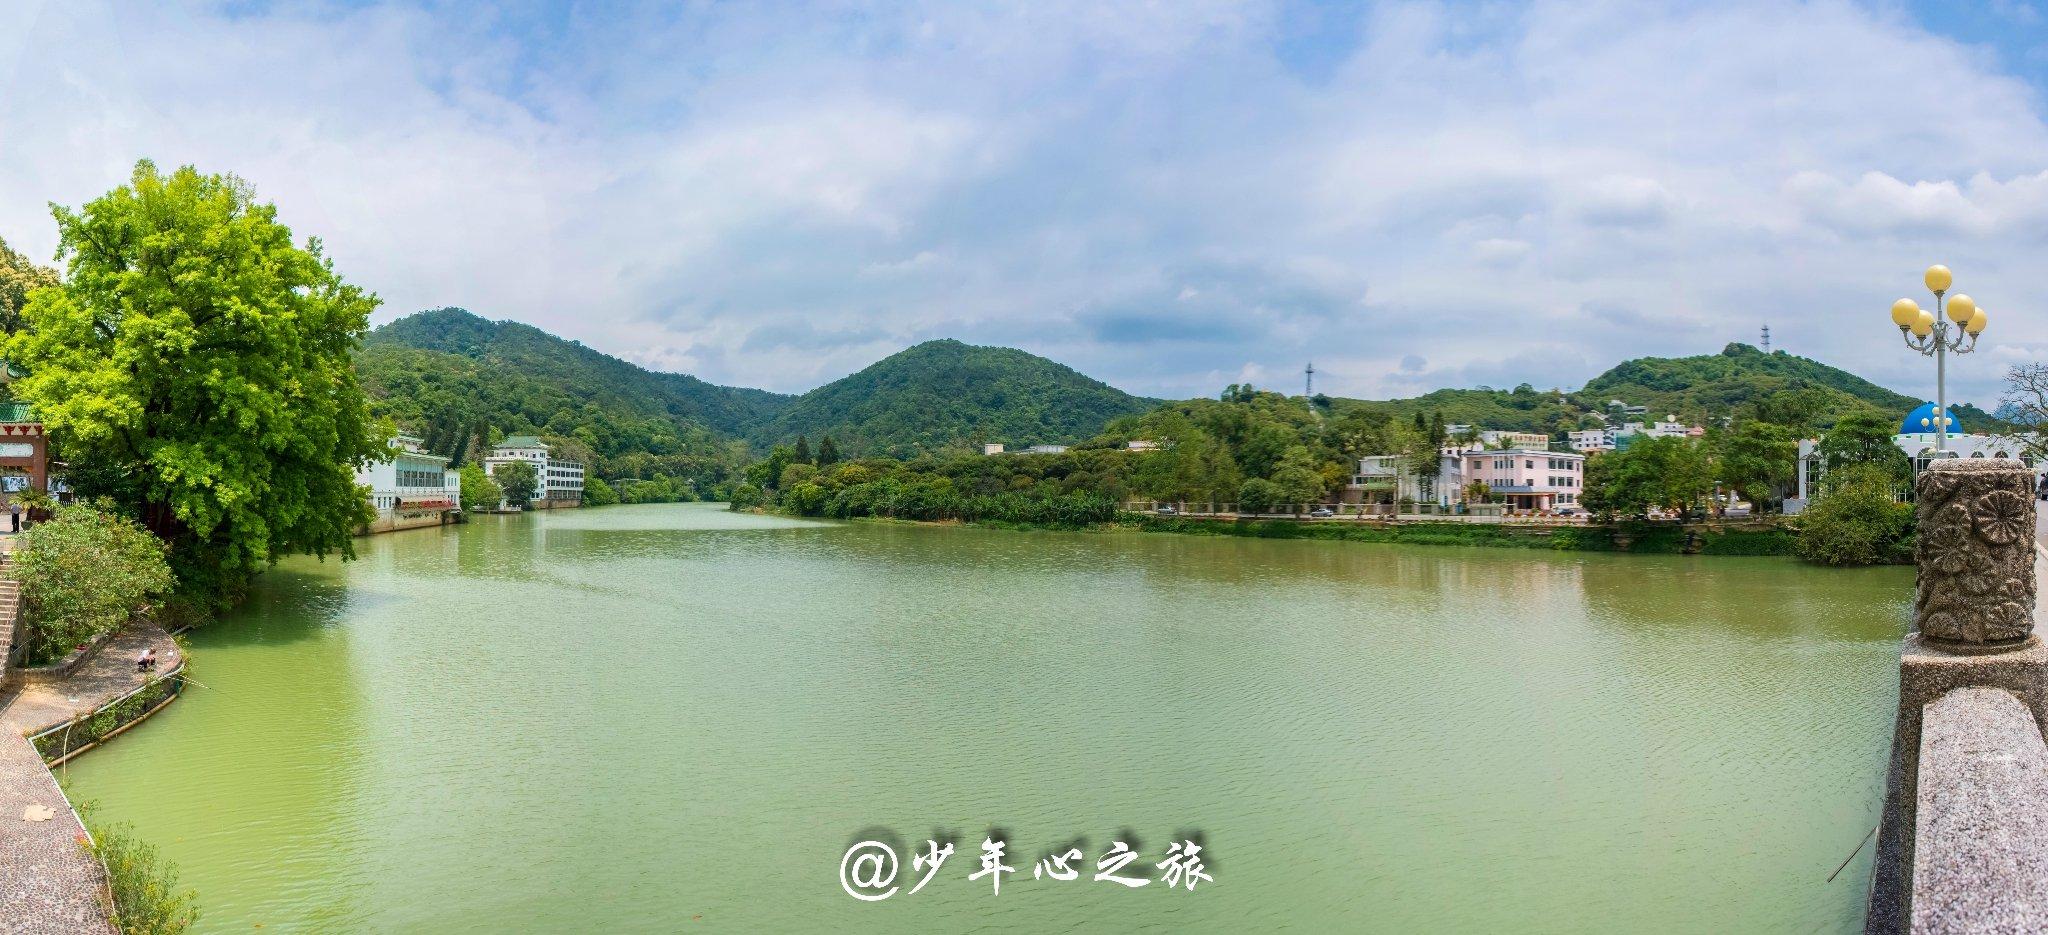 平行时空的再相聚,广州从化休闲度假之旅